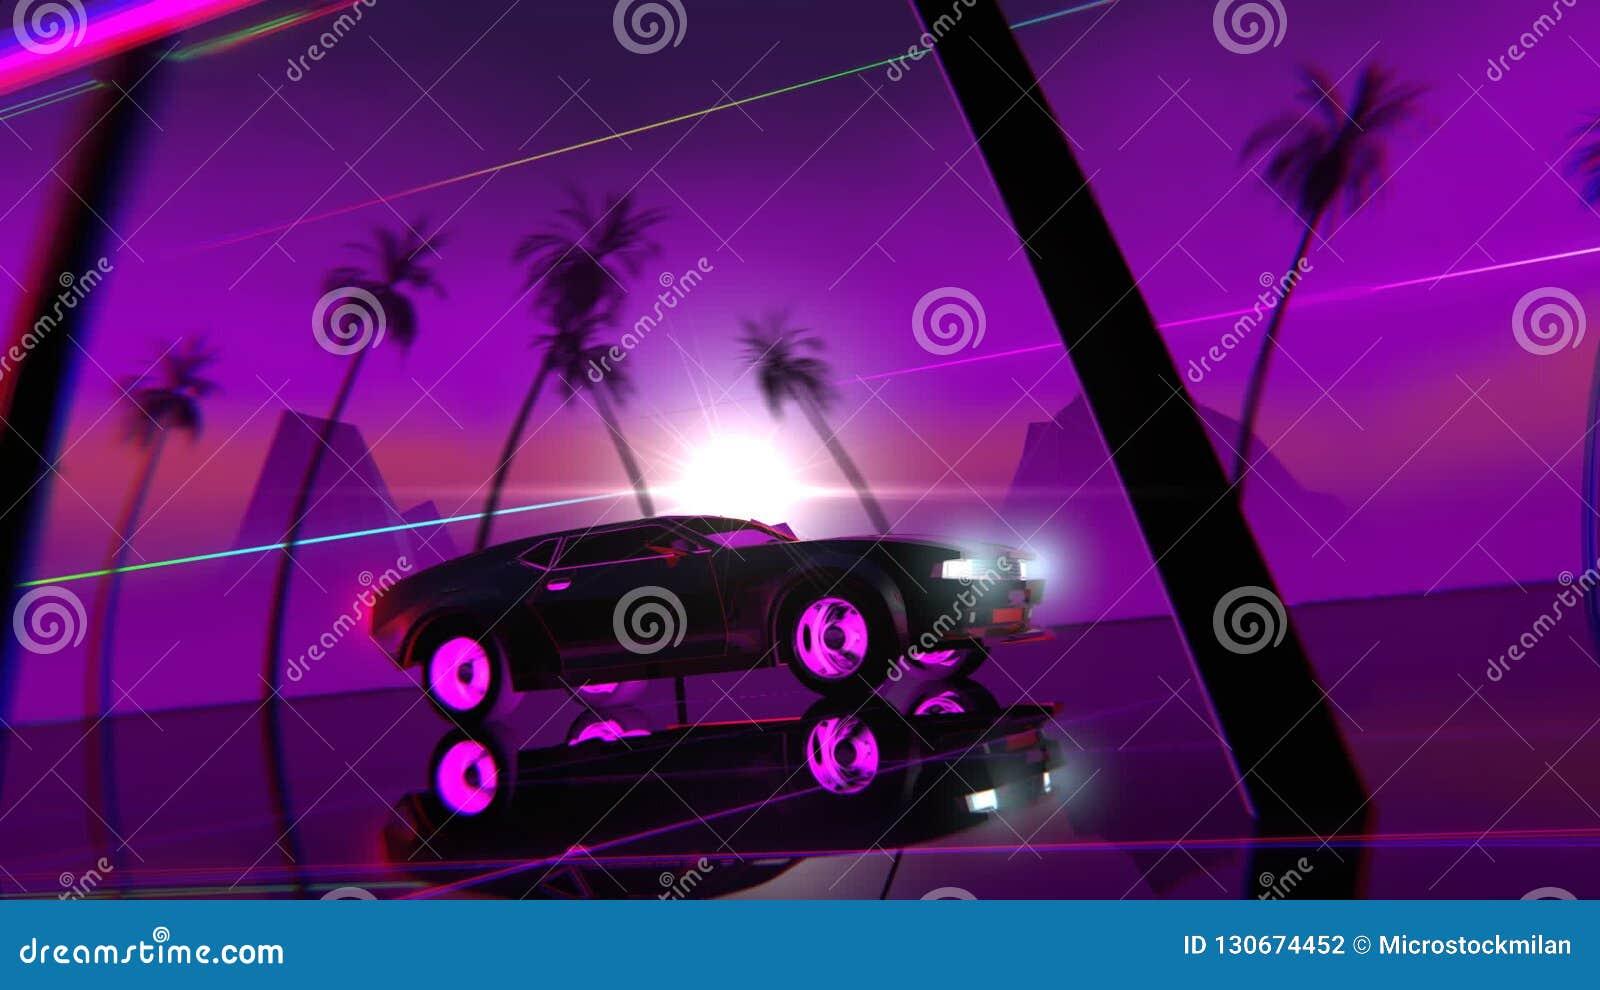 Retro-futuristic 80s style Car  Abstract, dream